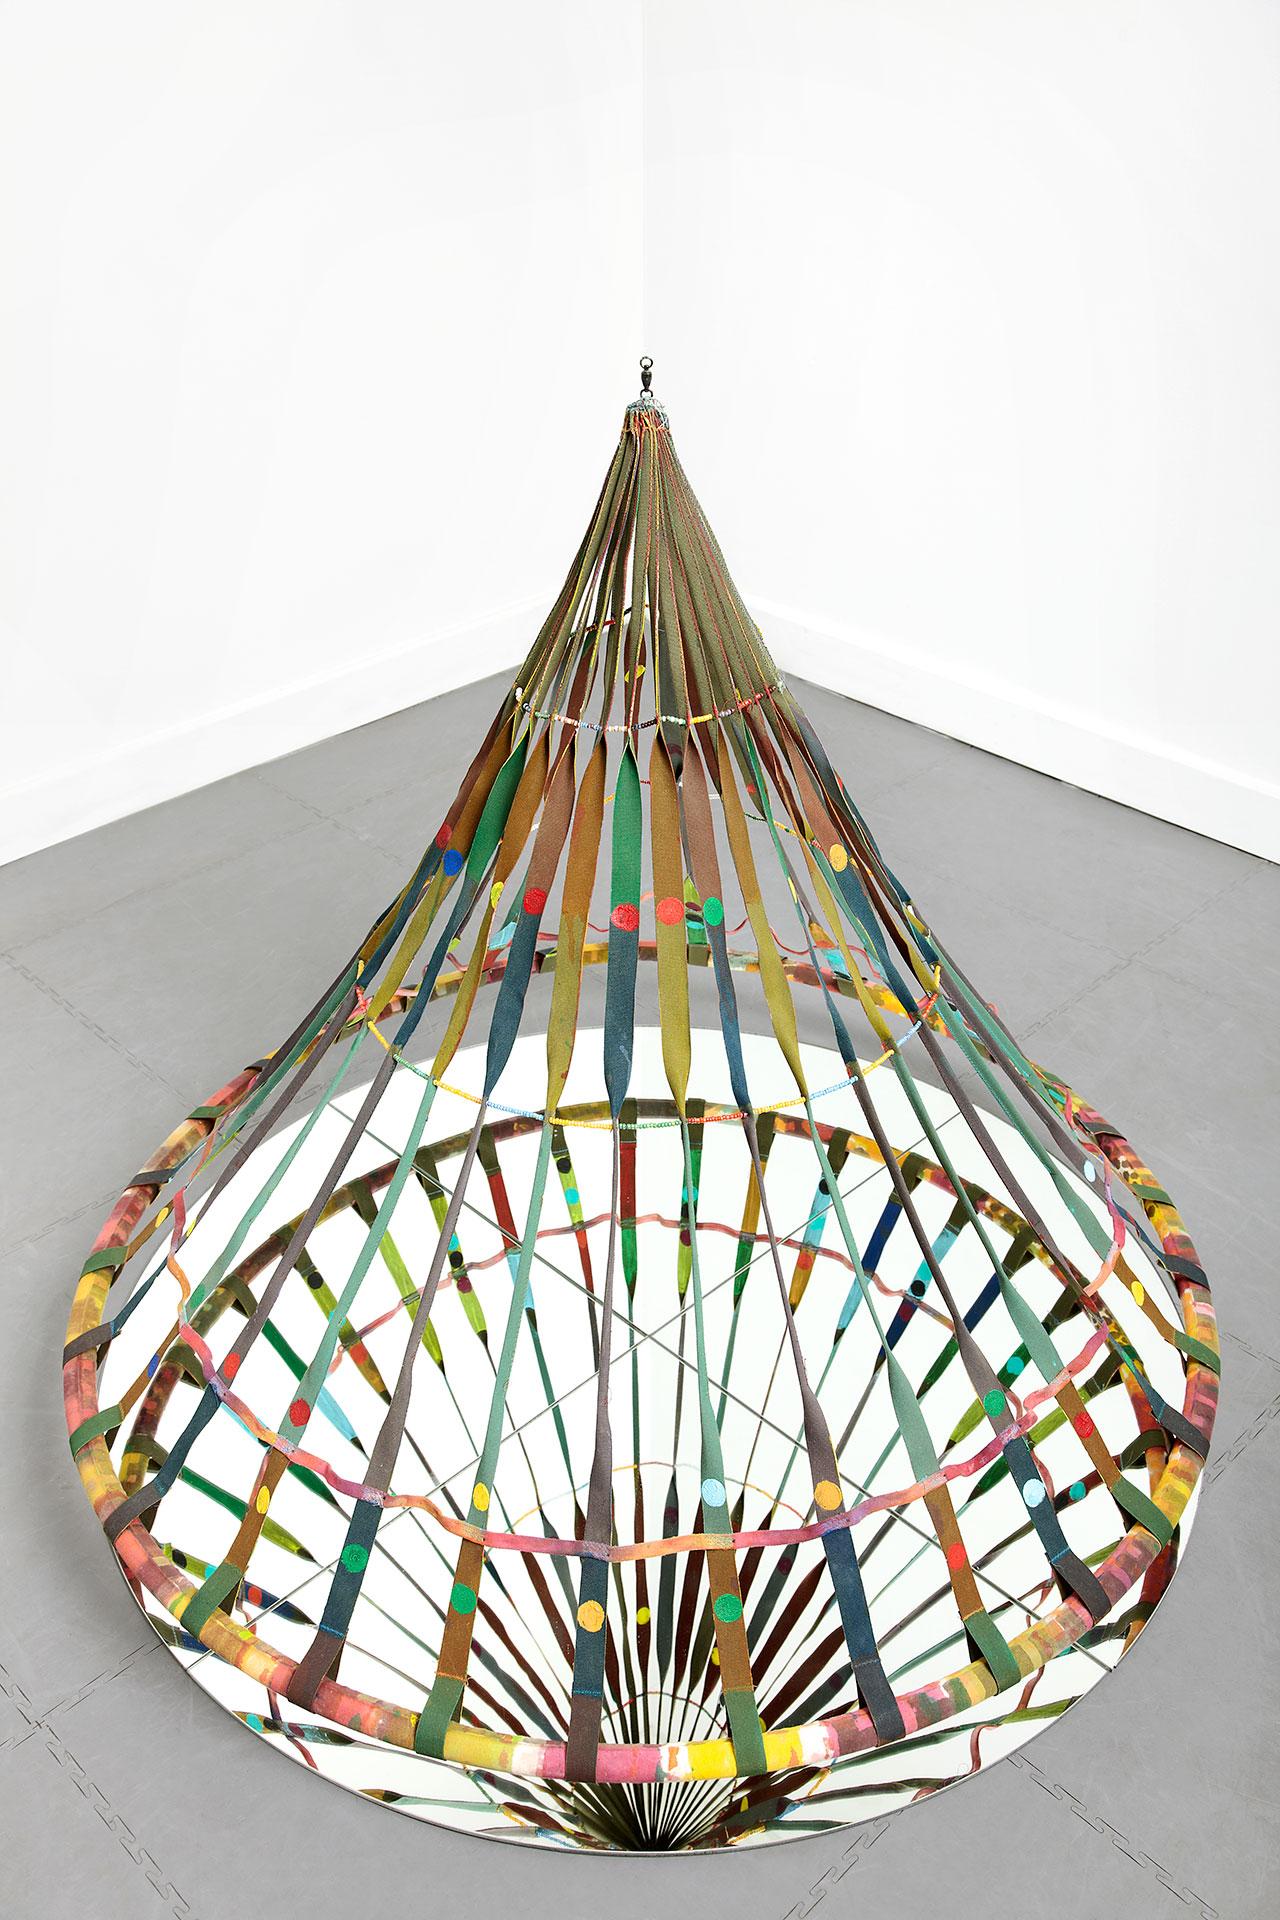 Alan Shields, Dance Bag, 1985, acrylic, canvas, glass beads, thread on aluminum